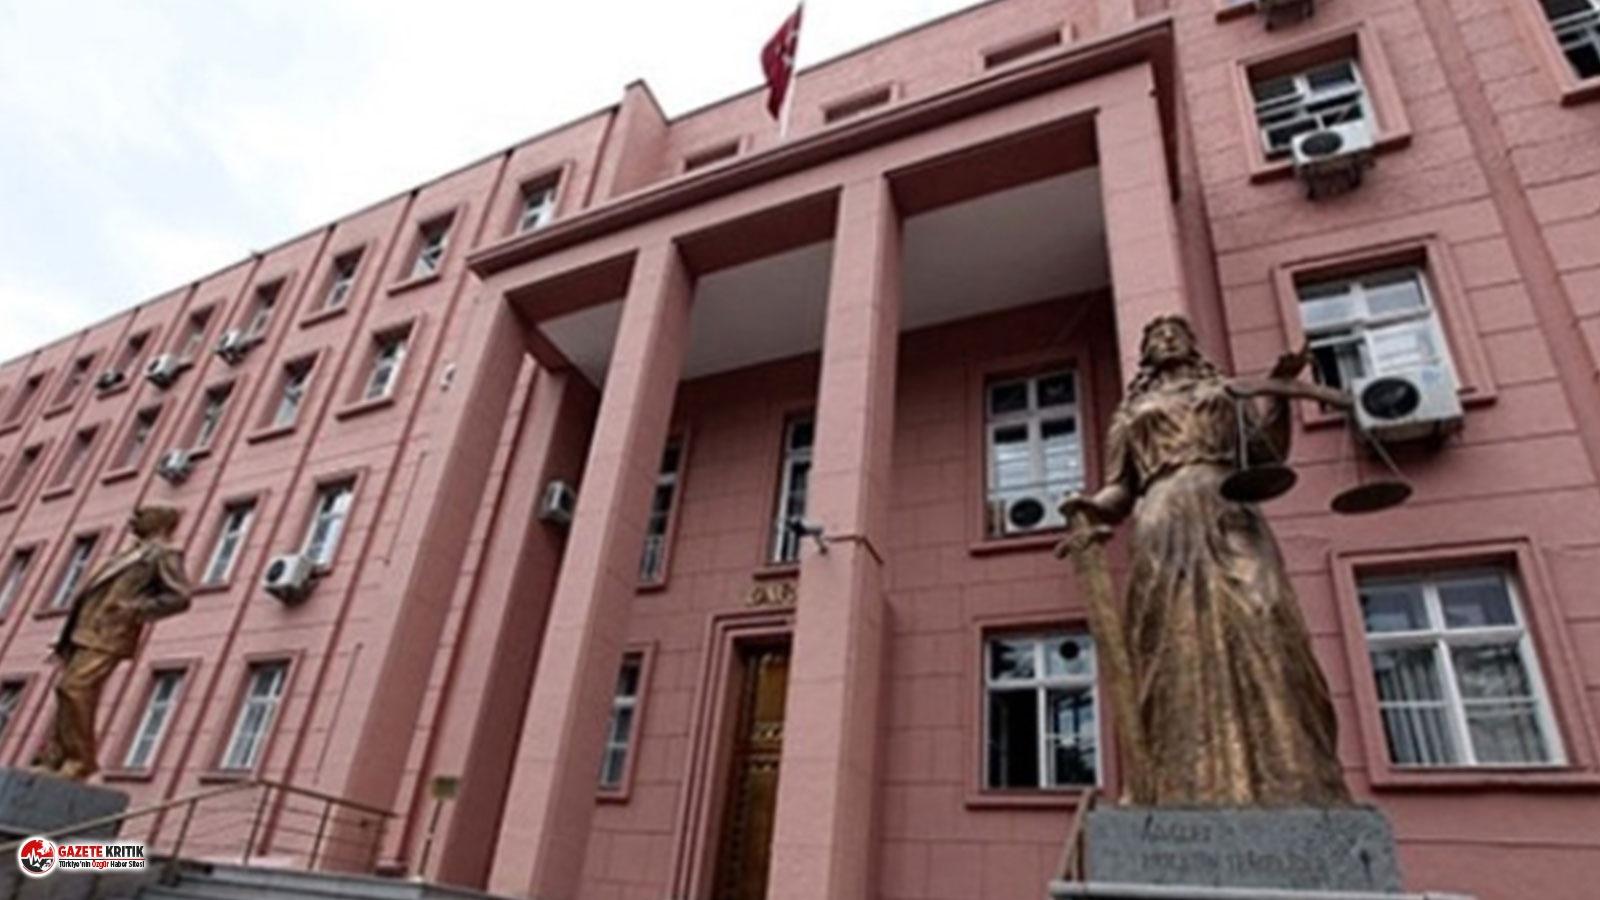 Yargıtay'dan tacize 'babacan tavır' yorumuna ilişkin açıklama!